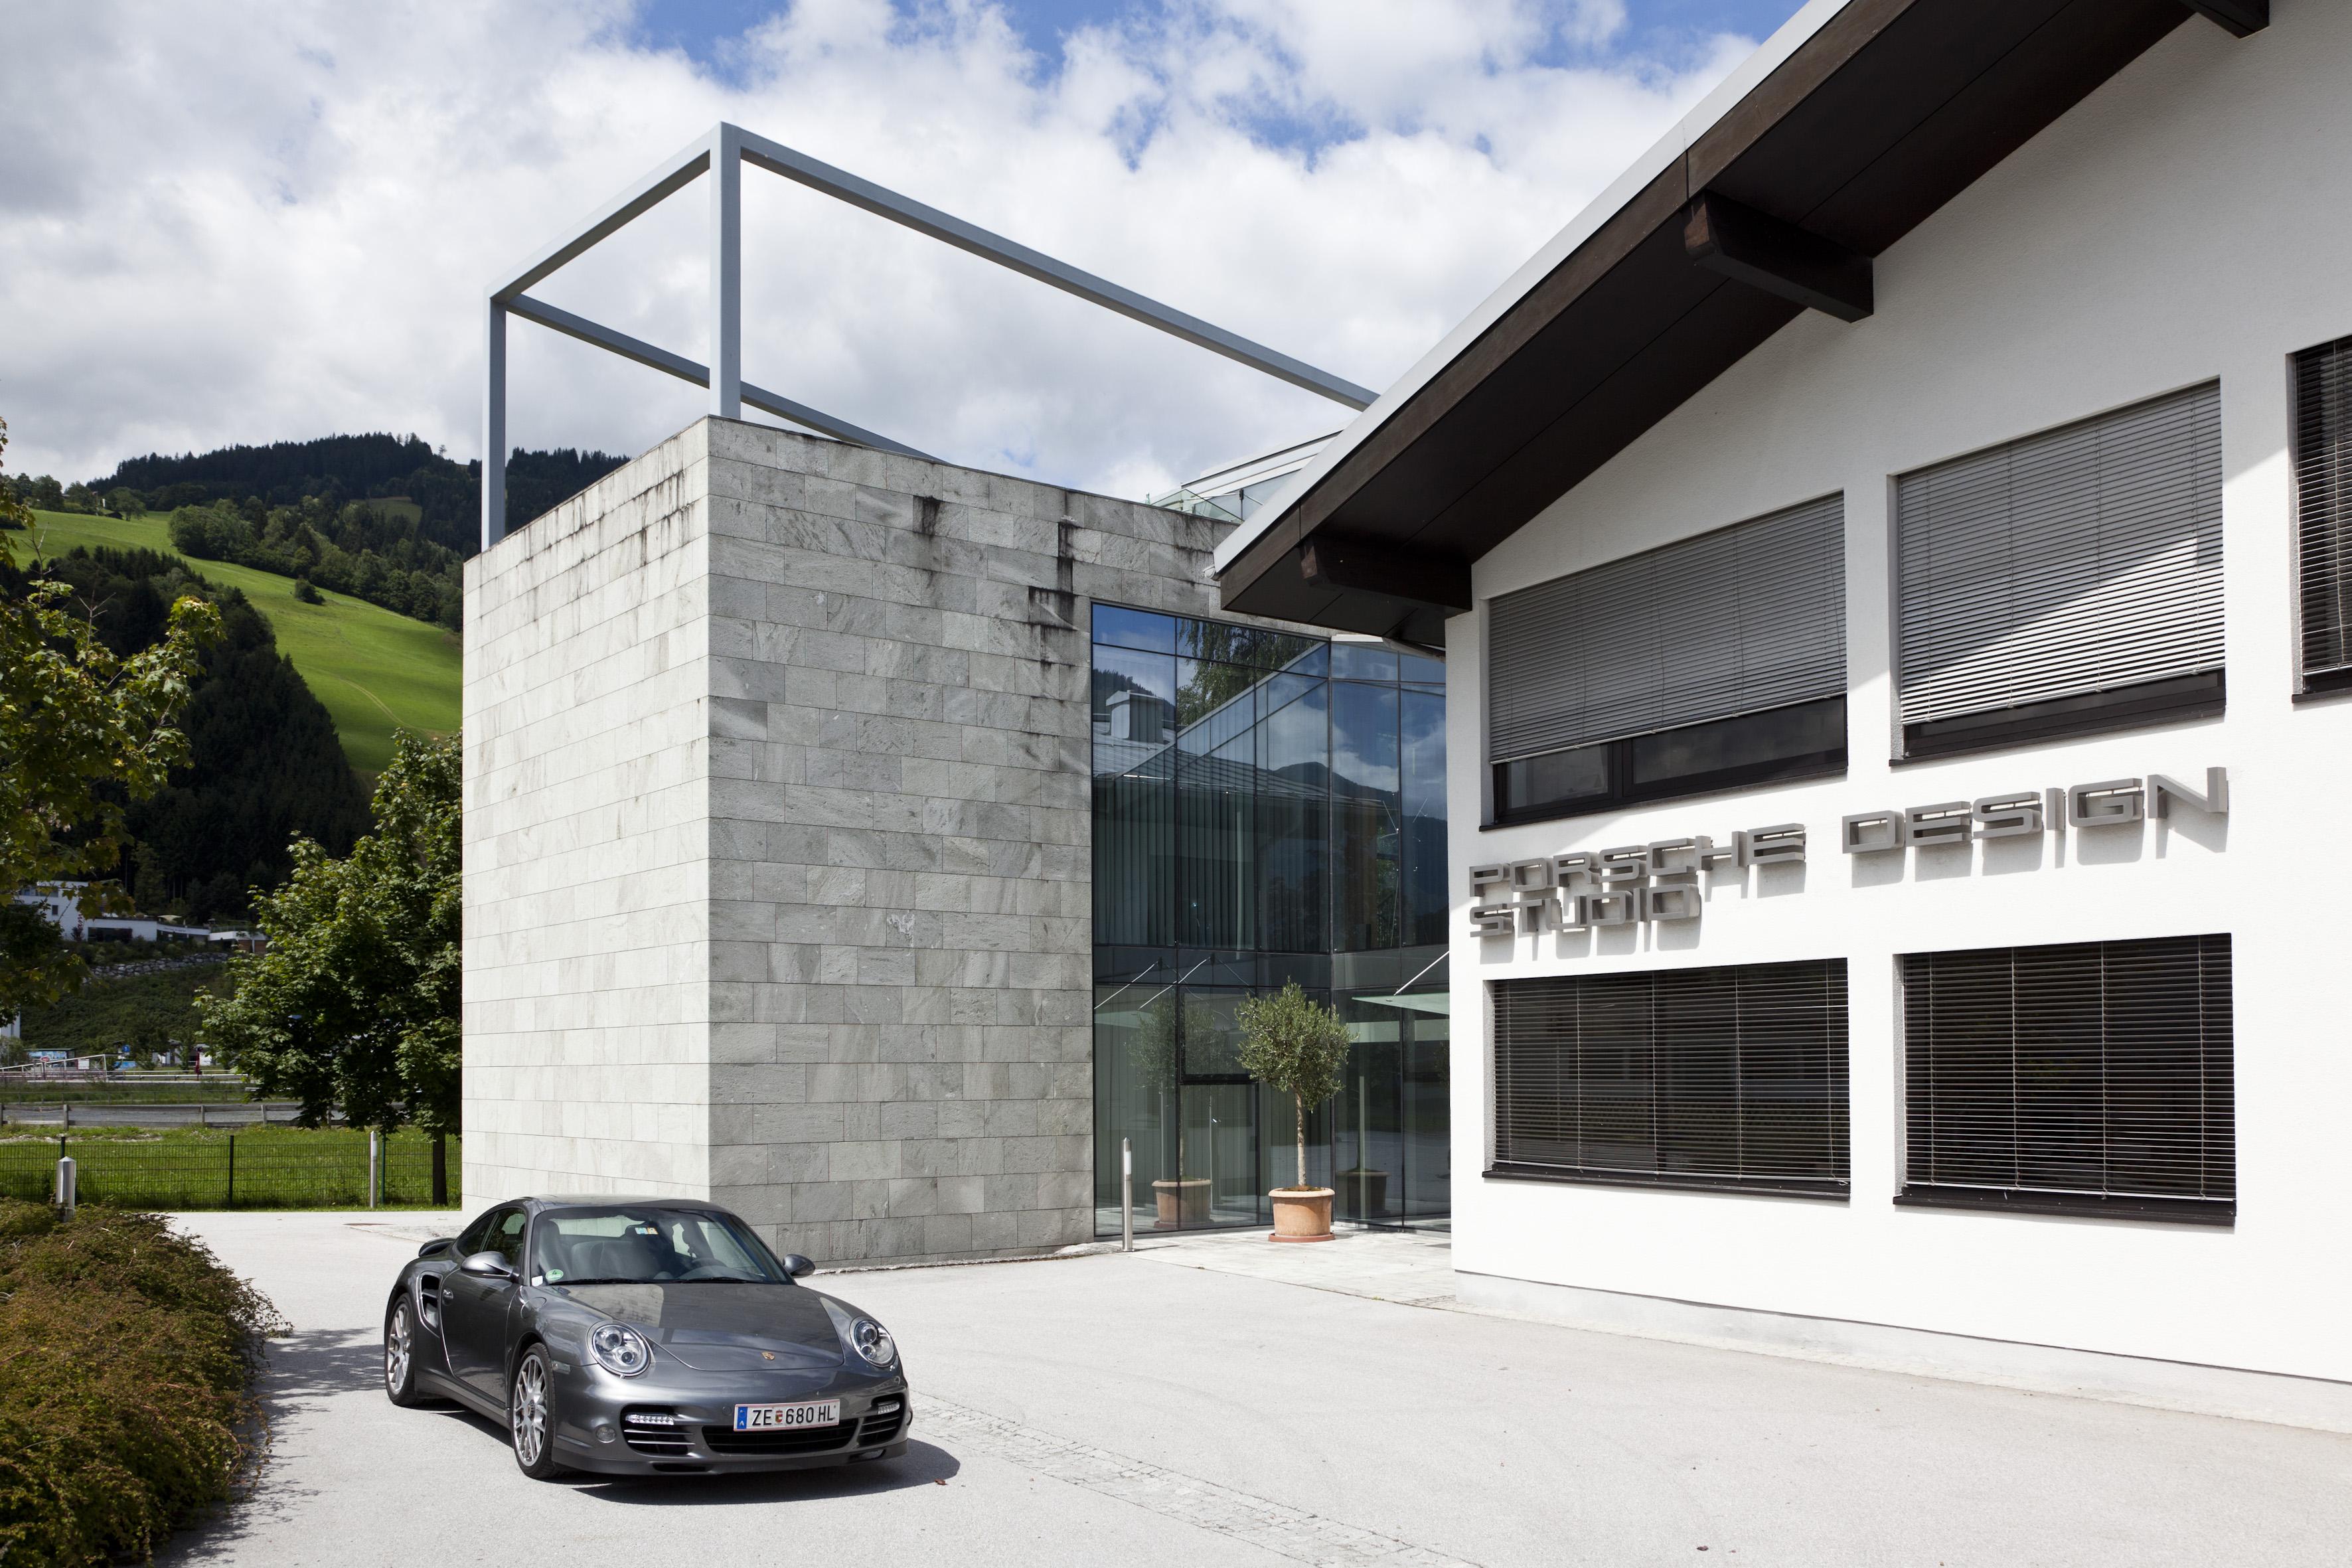 Le Porsche Design Studio en 2011 © 2011 Sven Doering / Agentur Focus